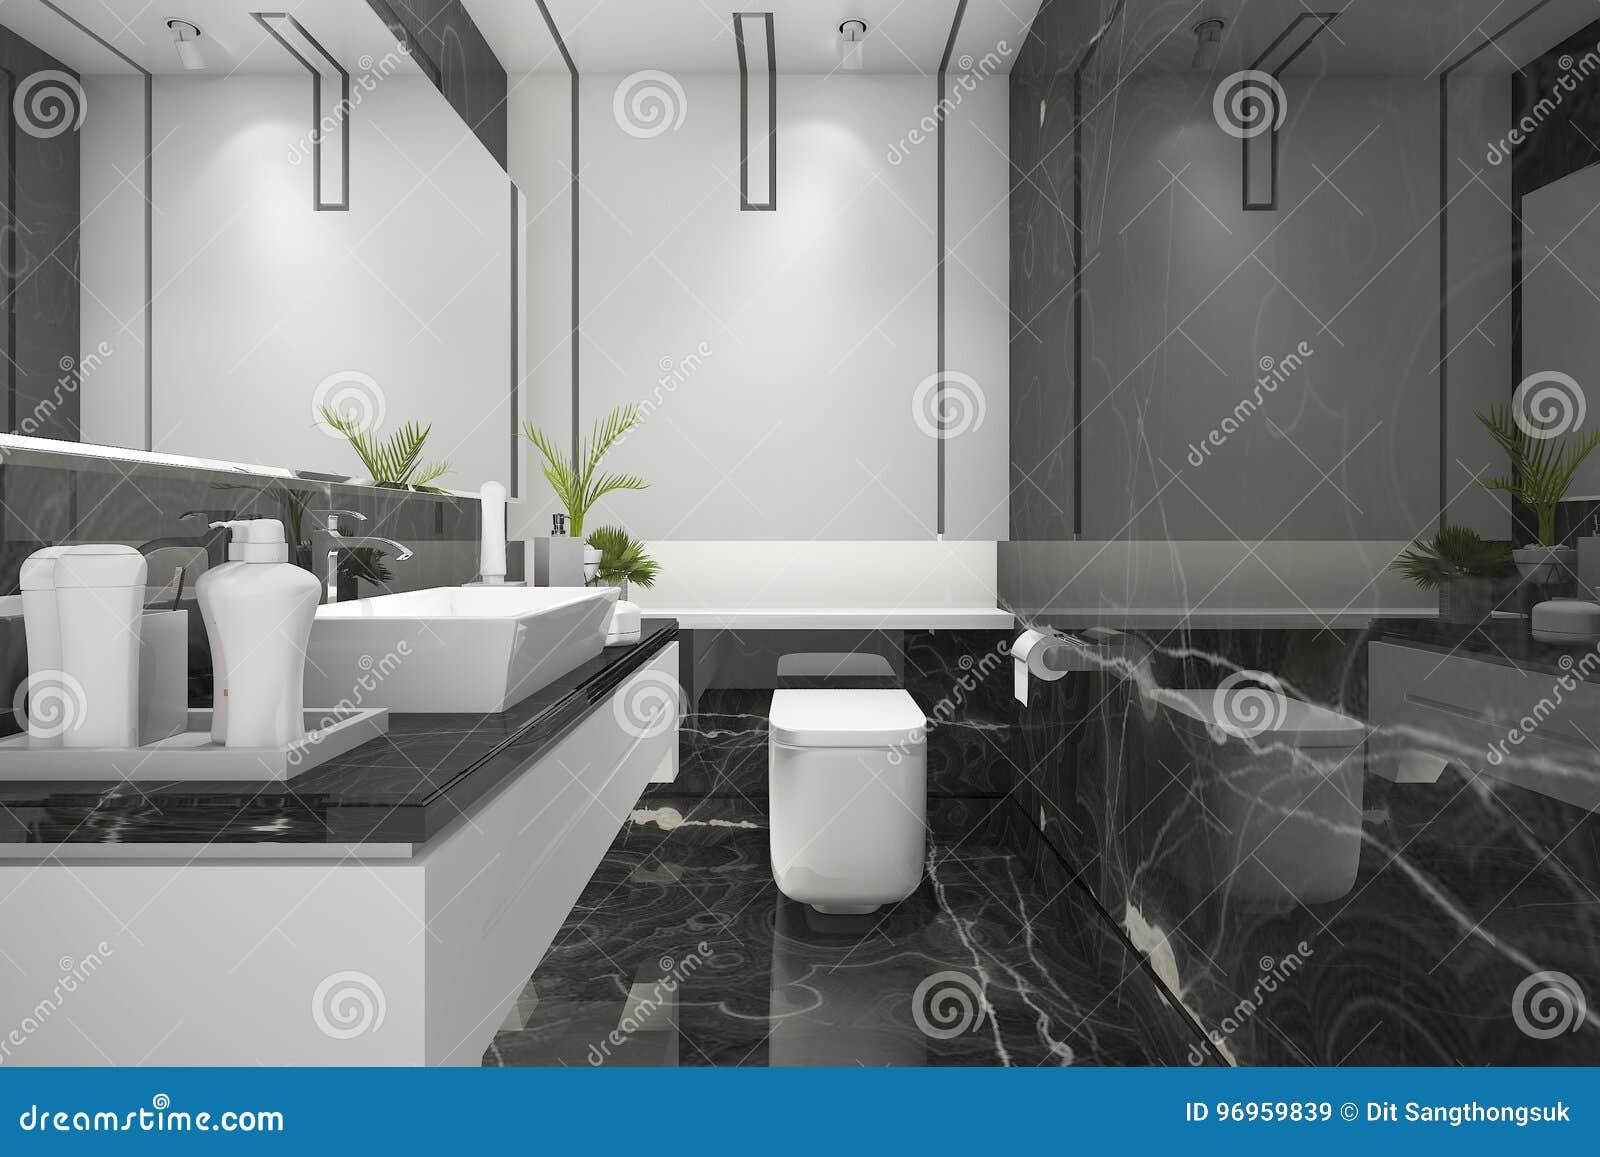 Ristrutturazione ed interior design sottotetto bagno in stile in